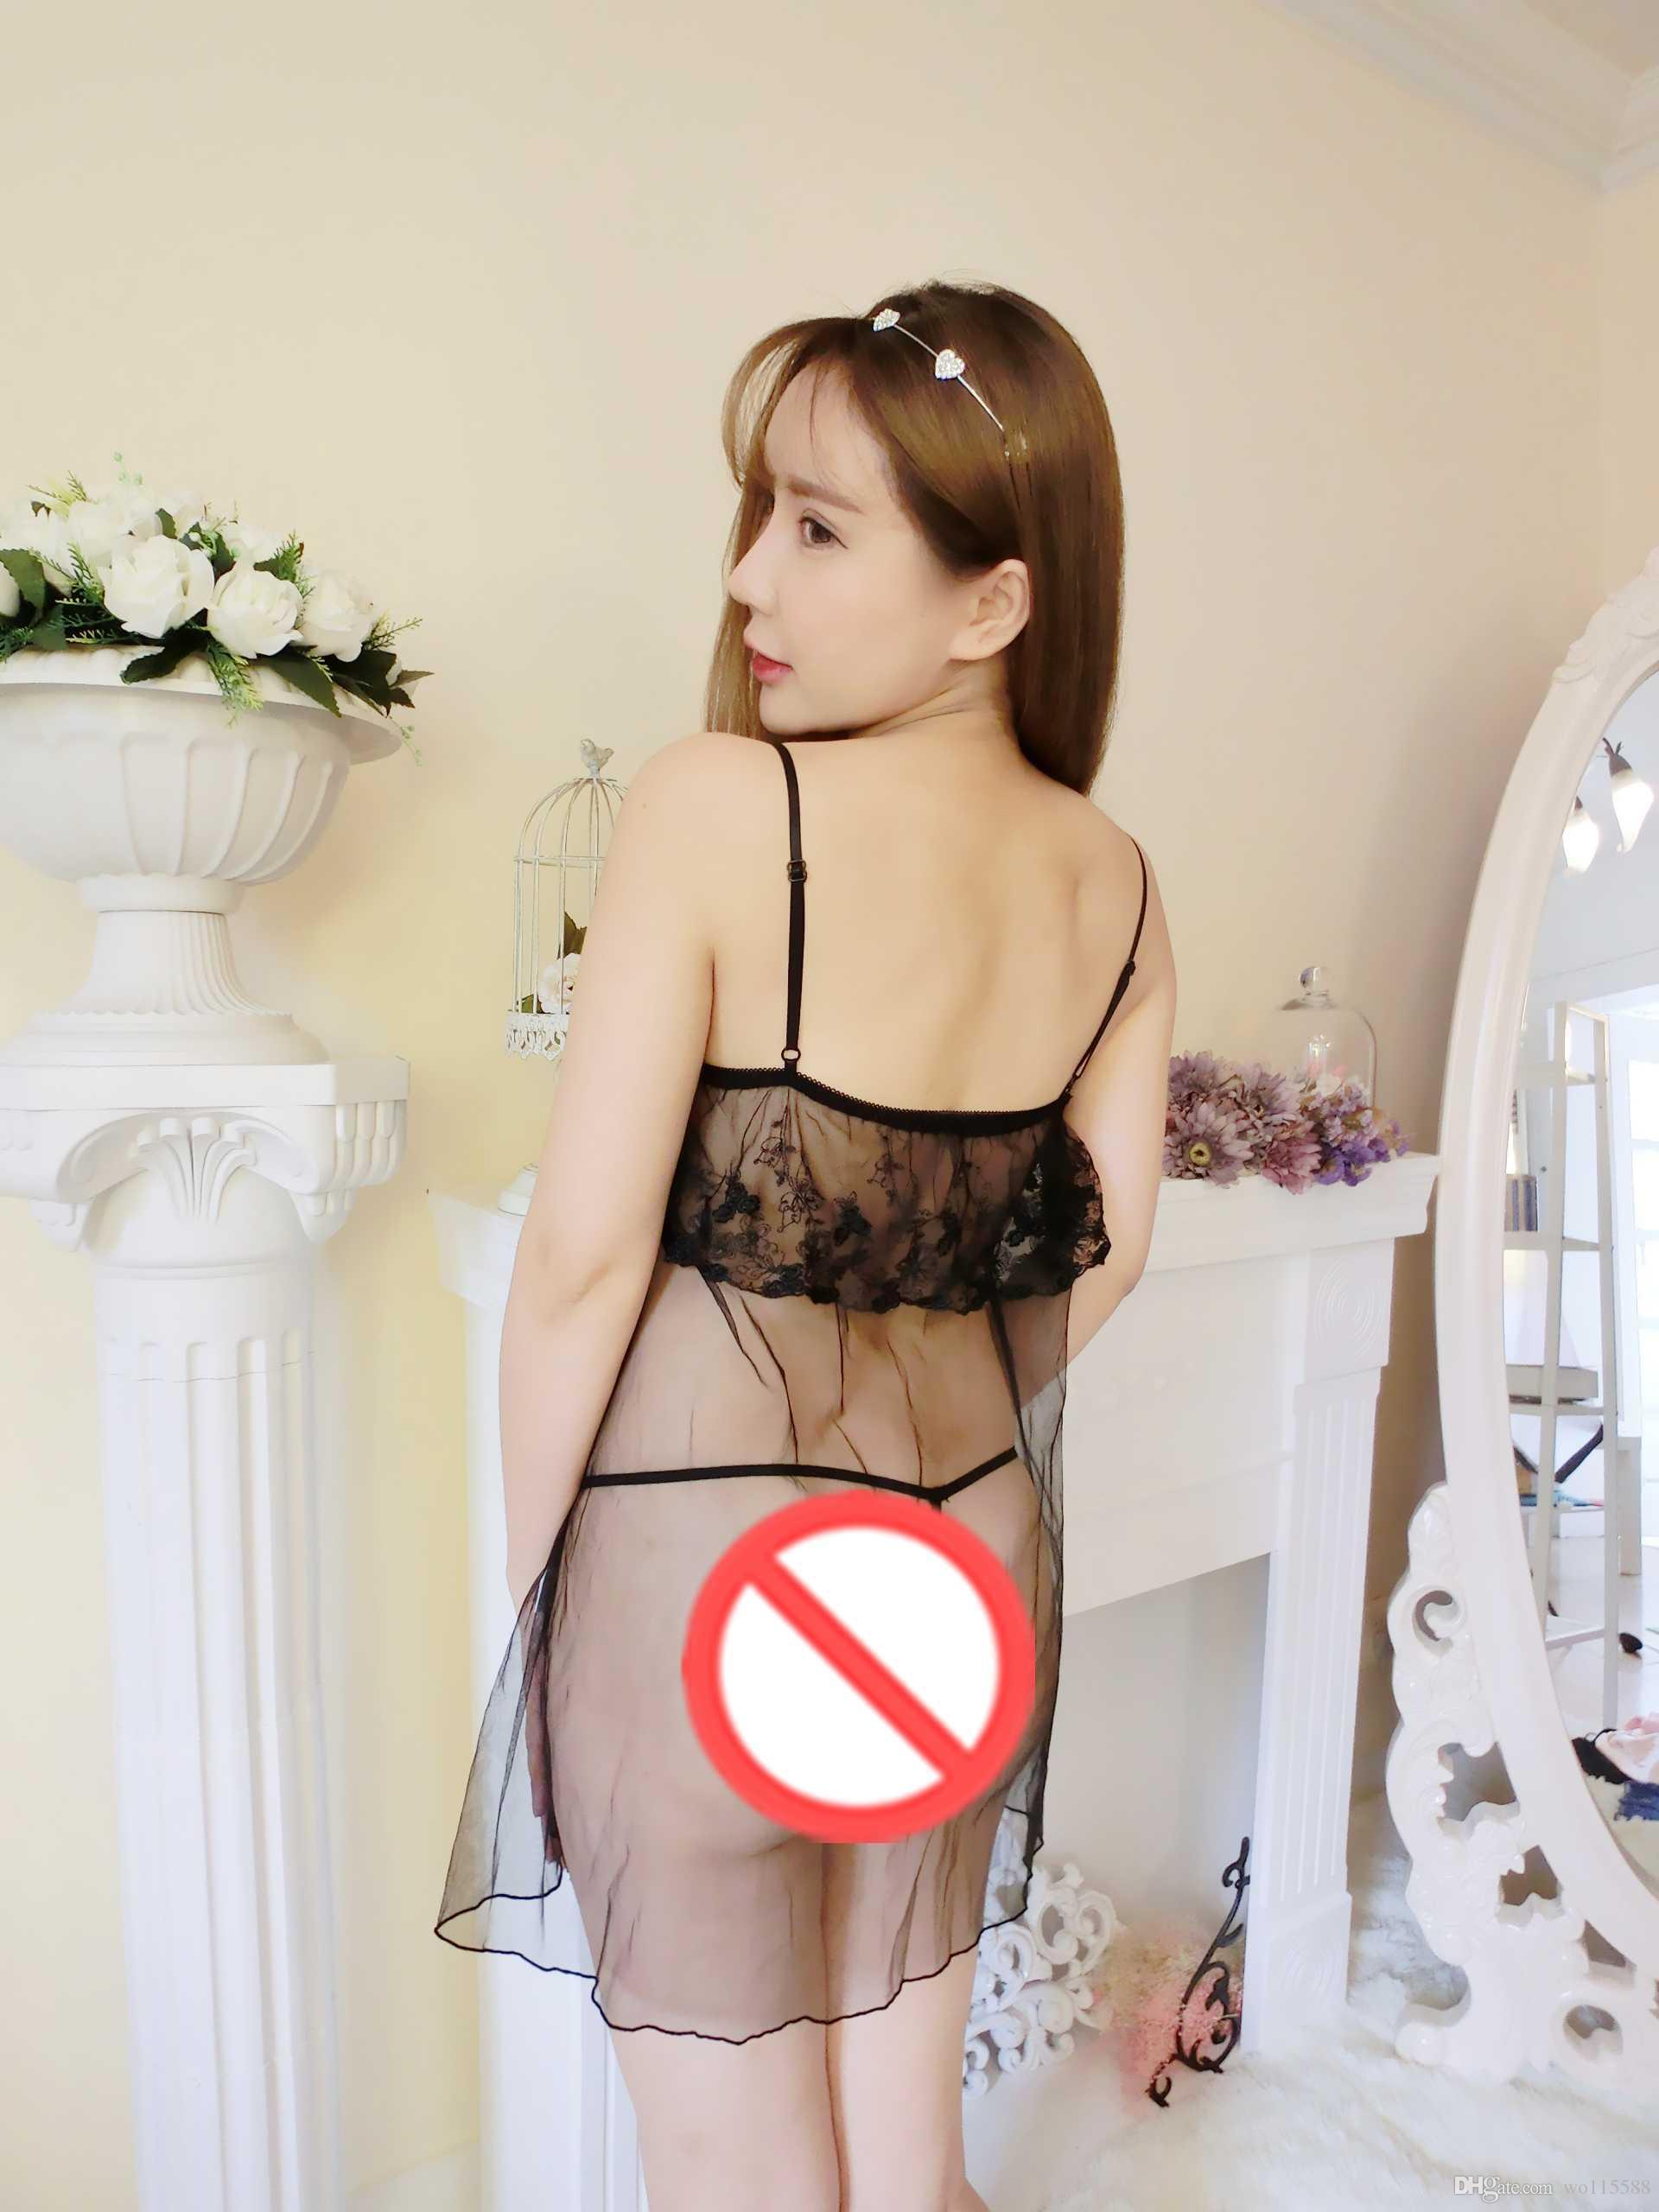 Freie reizvolle Pyjamas der neuen reizvollen Wäsche des Verschöners cosplay Wäsche D-Bügelperspektive der reinen gesetzten Versuchung transparente Tauversorgungen